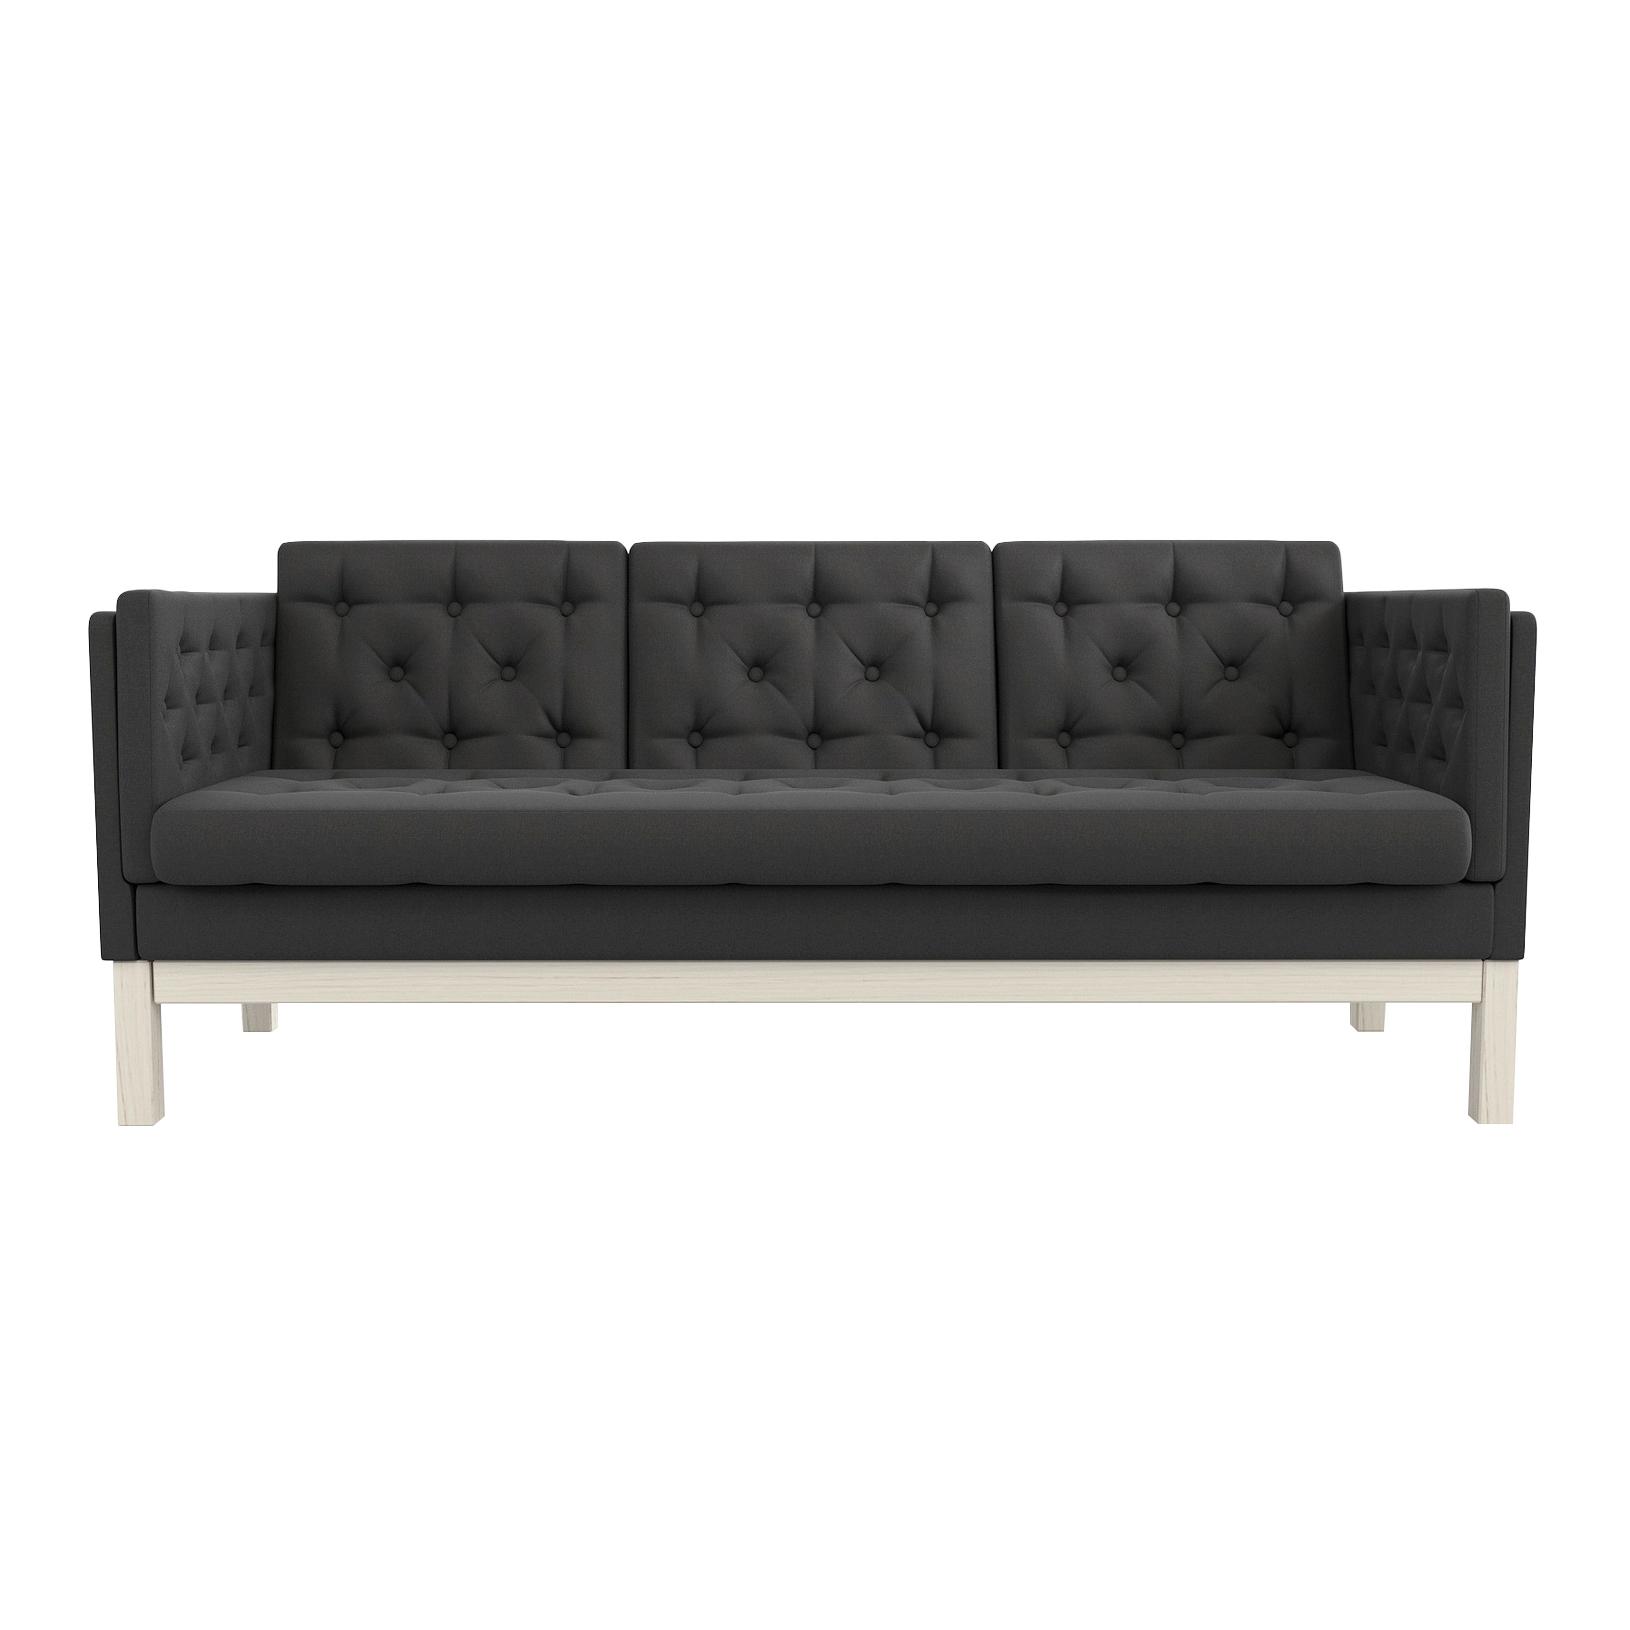 Фото - Диван AS Алана б 193x82x83 беленый дуб/черный диван as алана м 154x82x83 сосна коричневый